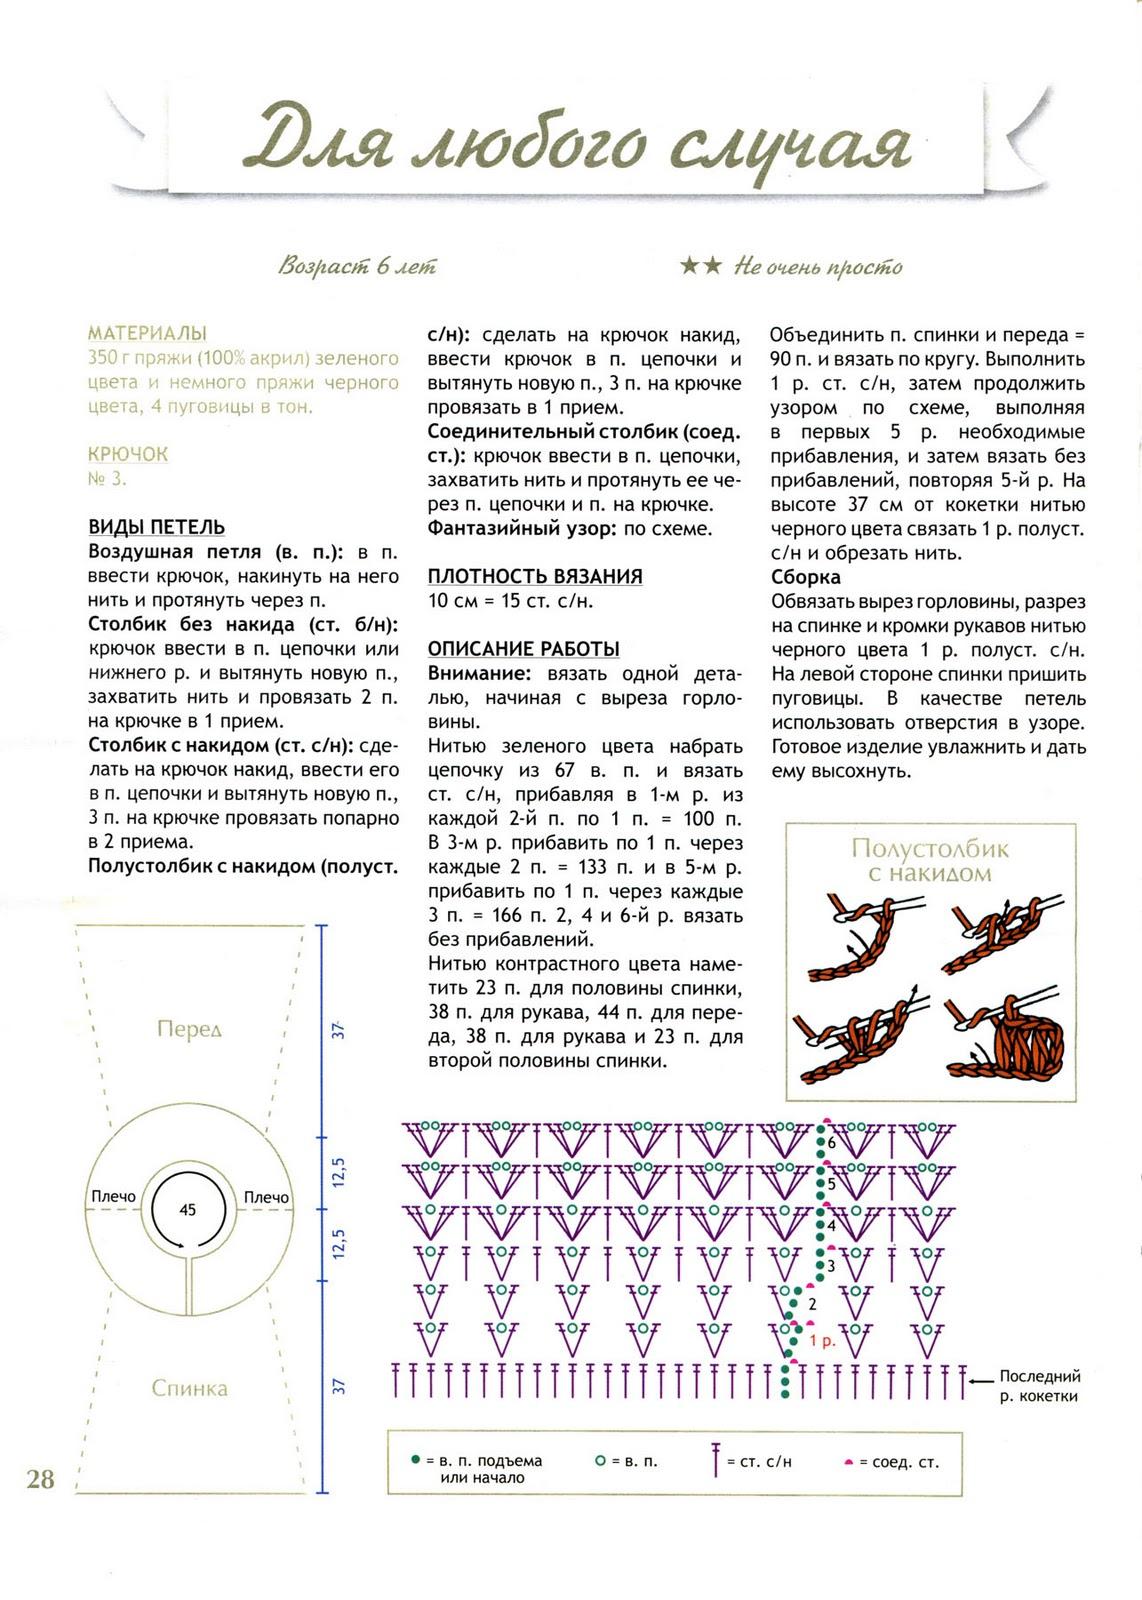 Курсы мастера маникюра педикюра наращивания и дизайна ногтей